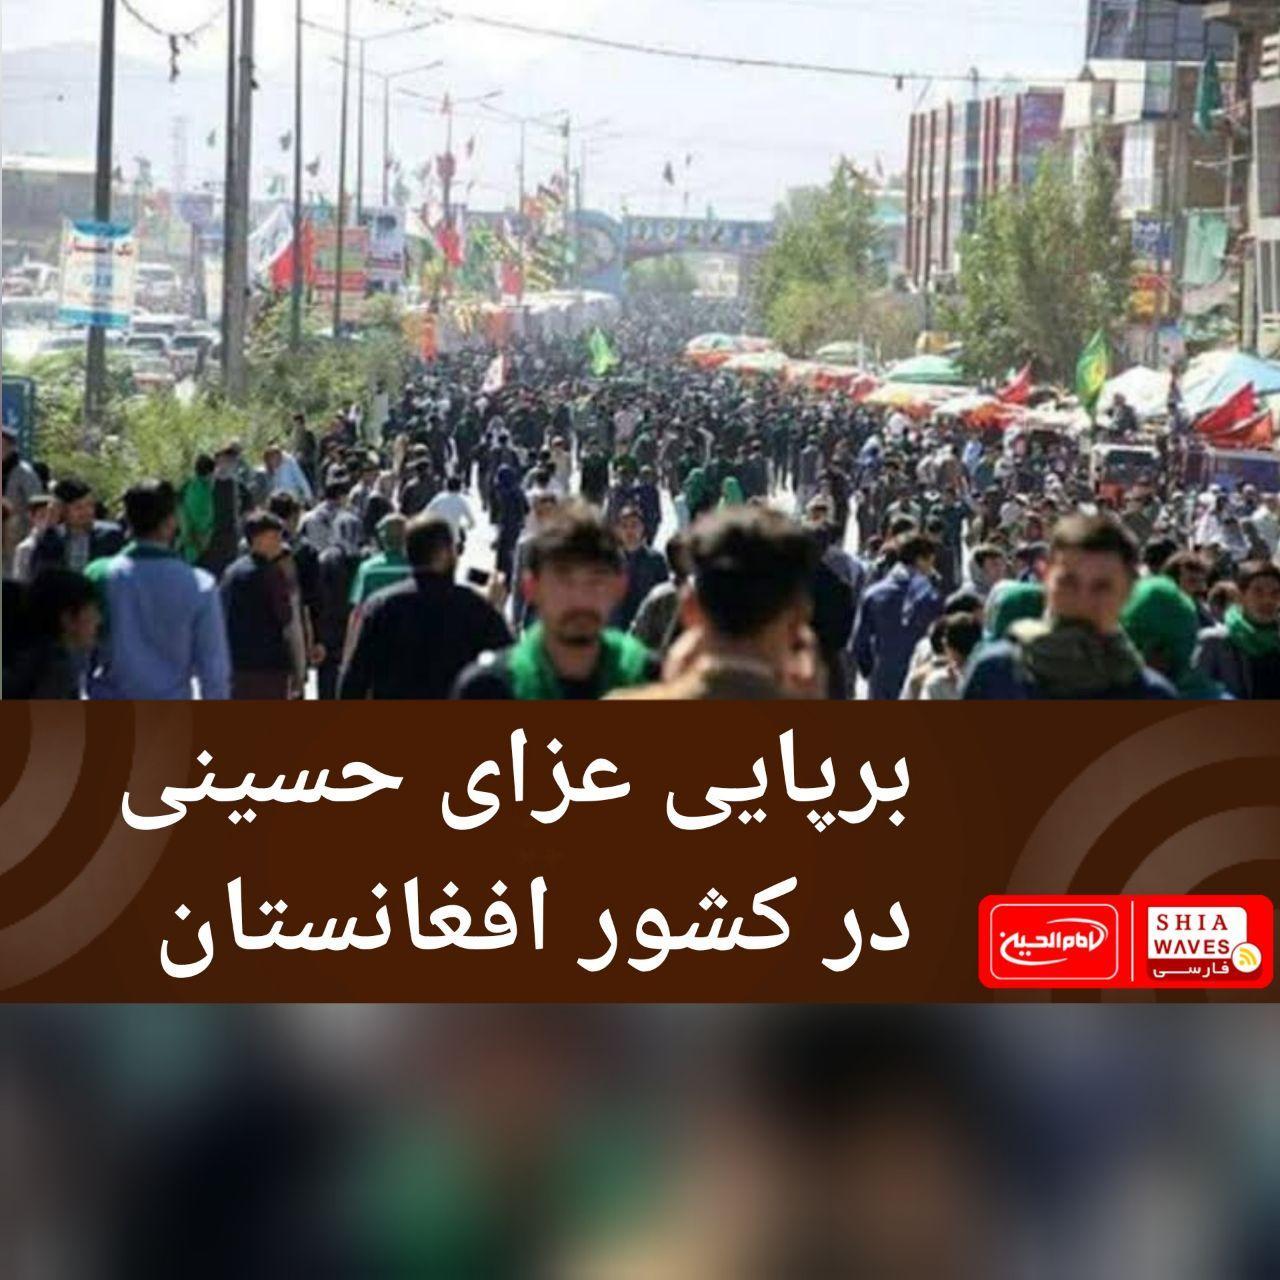 تصویر برپایی عزای حسینی در کشور افغانستان